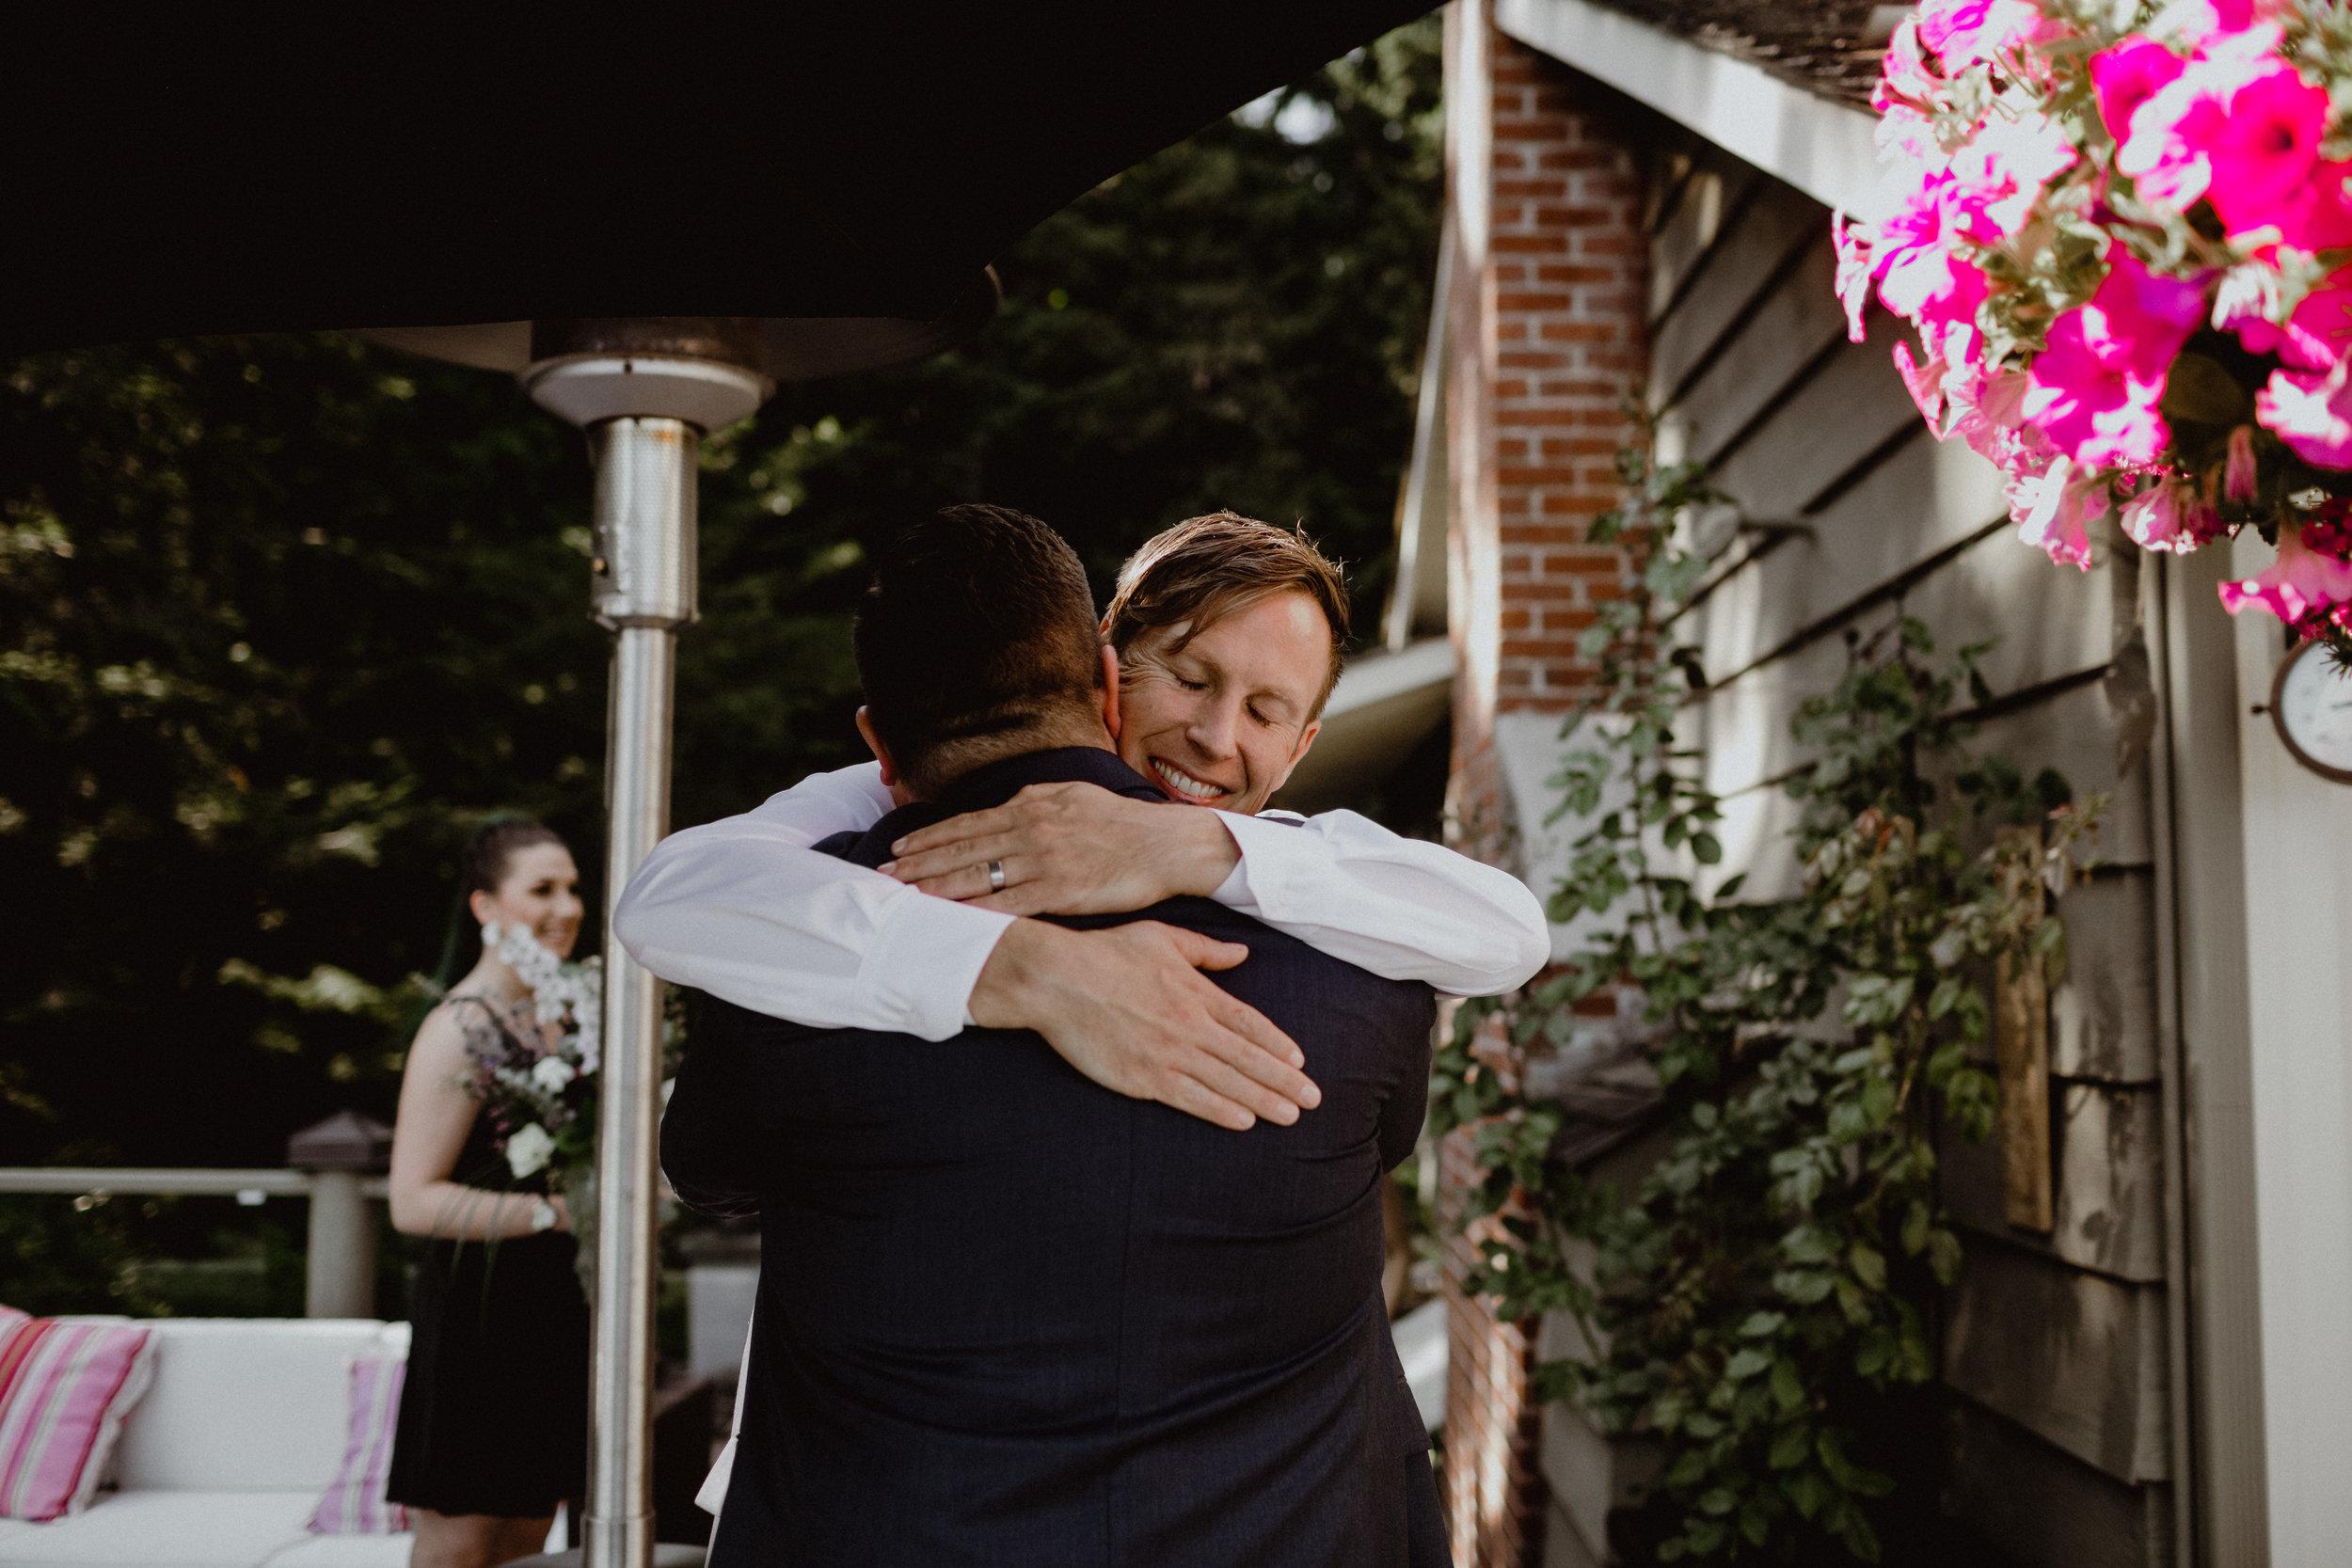 west-vancouver-backyard-wedding-131.jpg